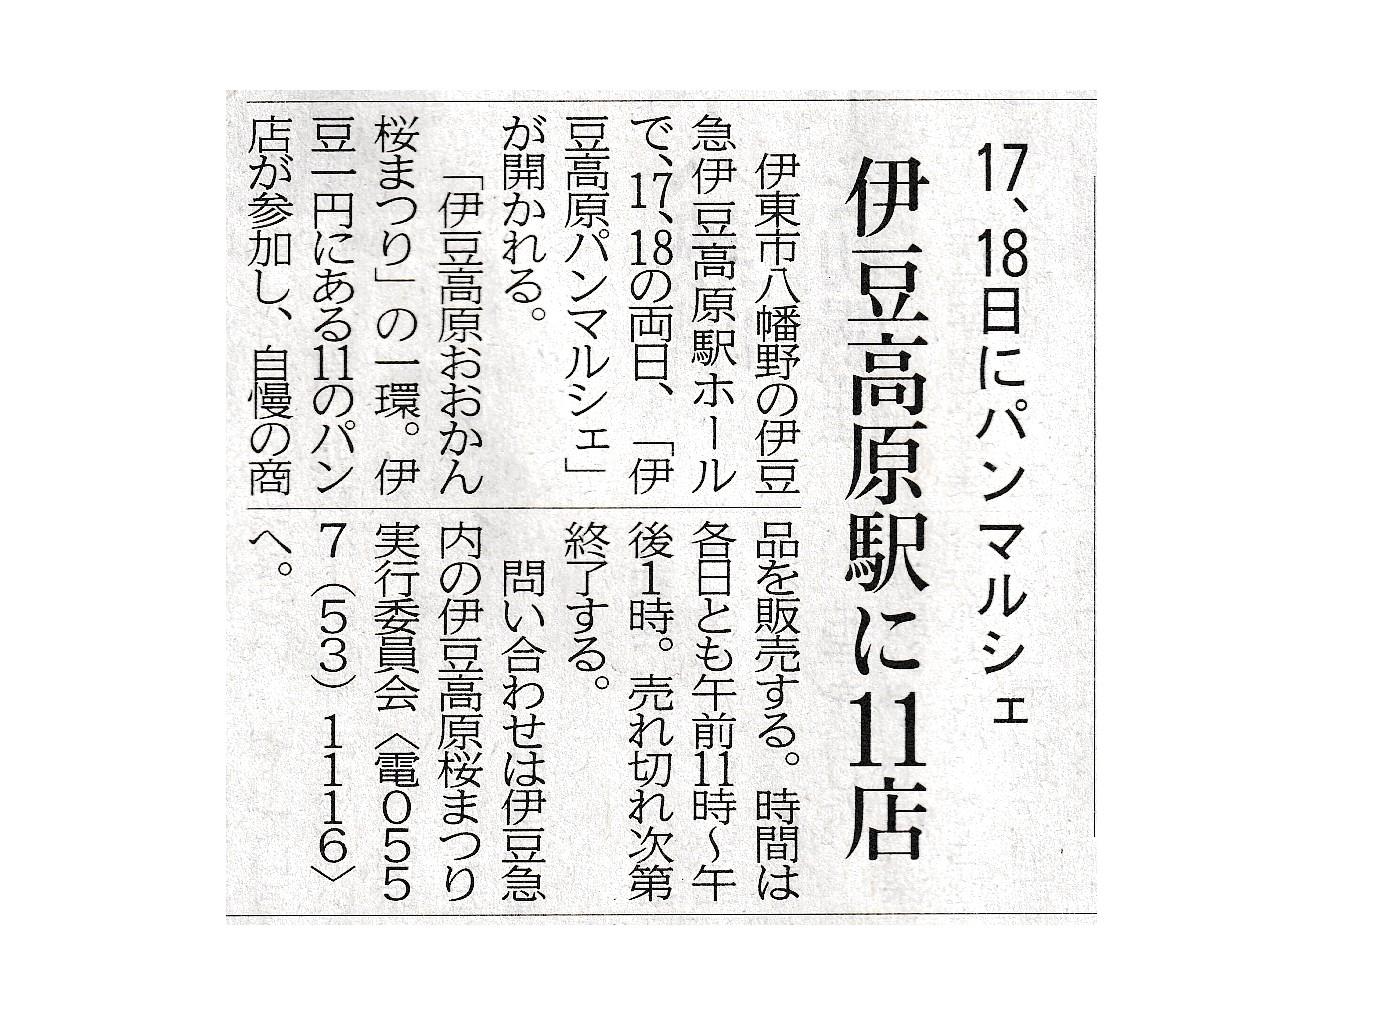 http://magaret.jp/mt_img/%E3%83%91%E3%83%B3%E3%83%9E%E3%83%AB%E3%82%B7%E3%82%A7_JALAN_180313.jpg